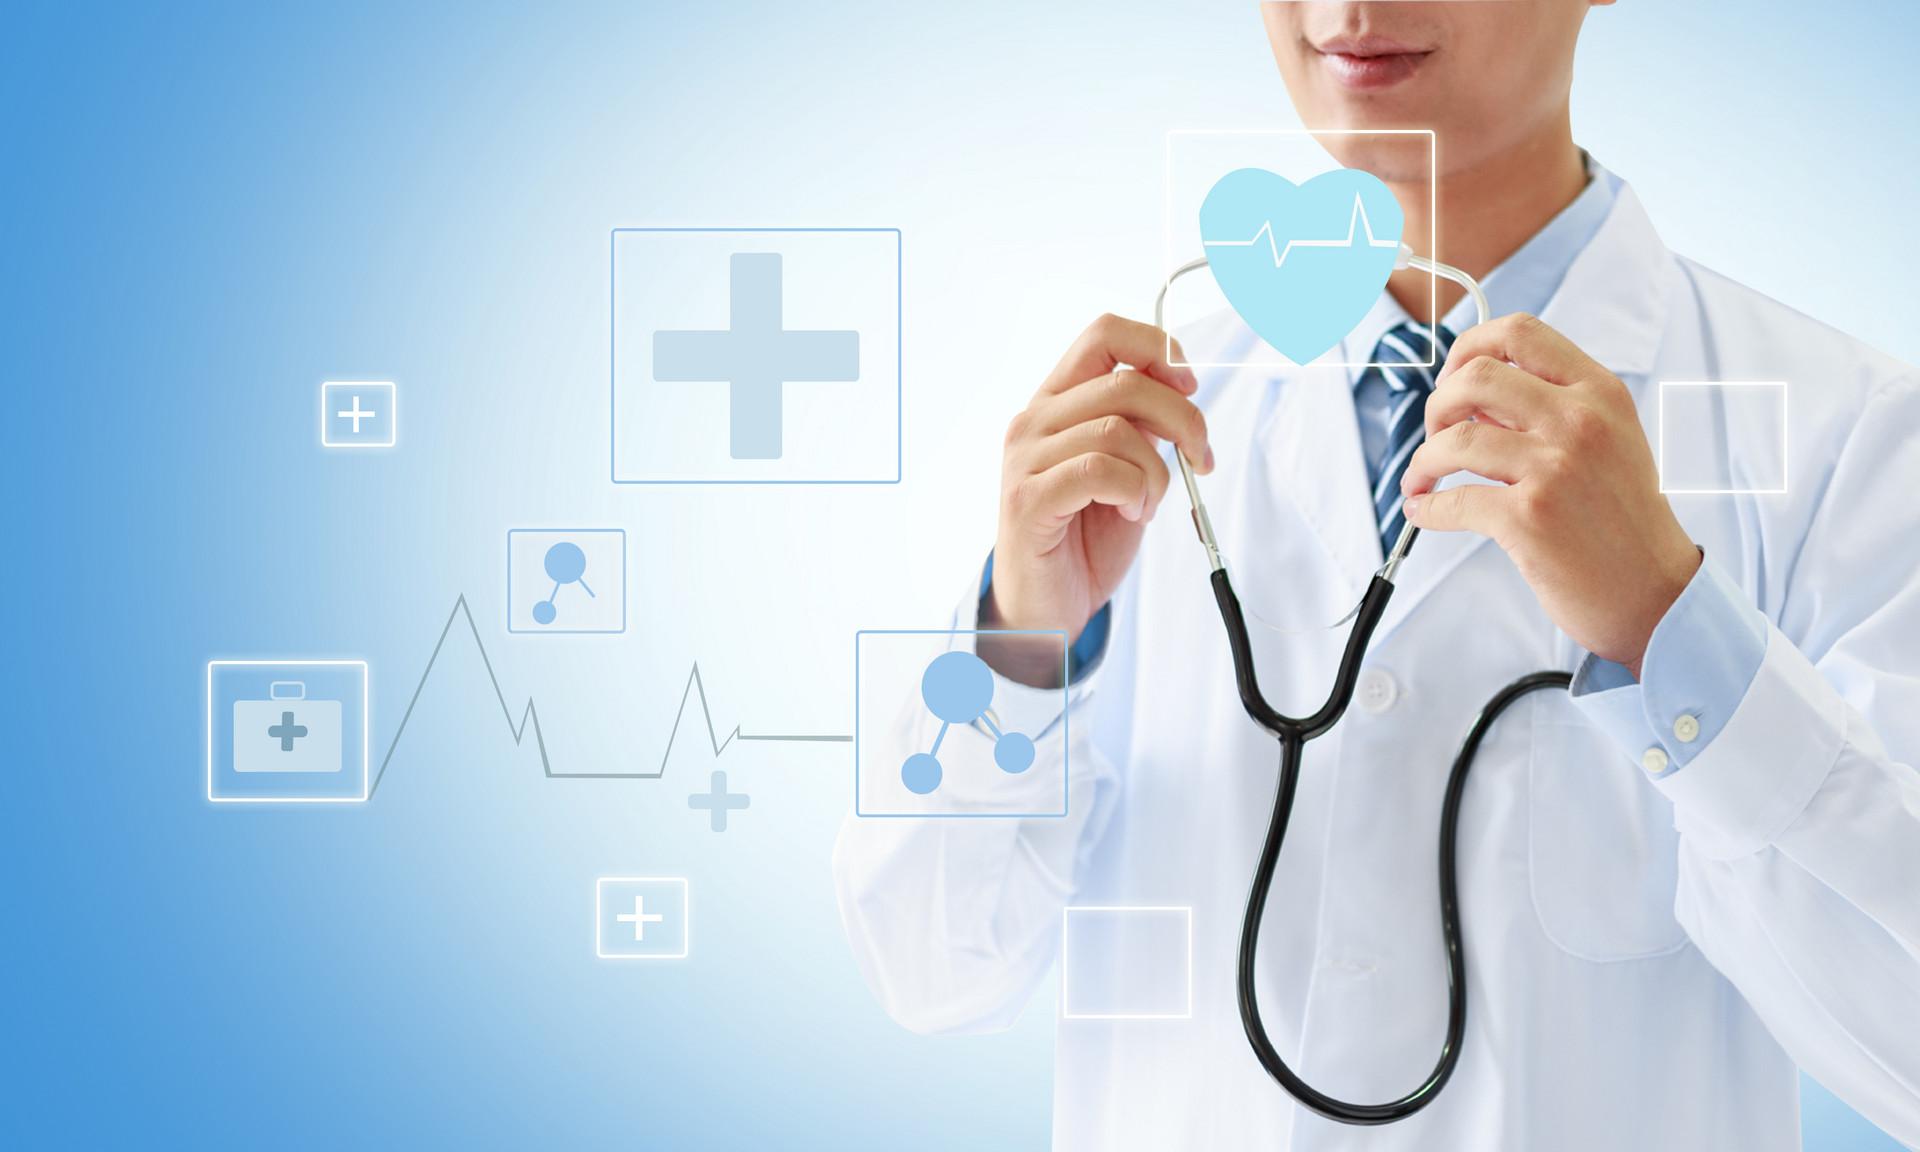 近年来,互联网医疗蓬勃发展,在线问诊,远程医疗等诊疗服务促进了医疗